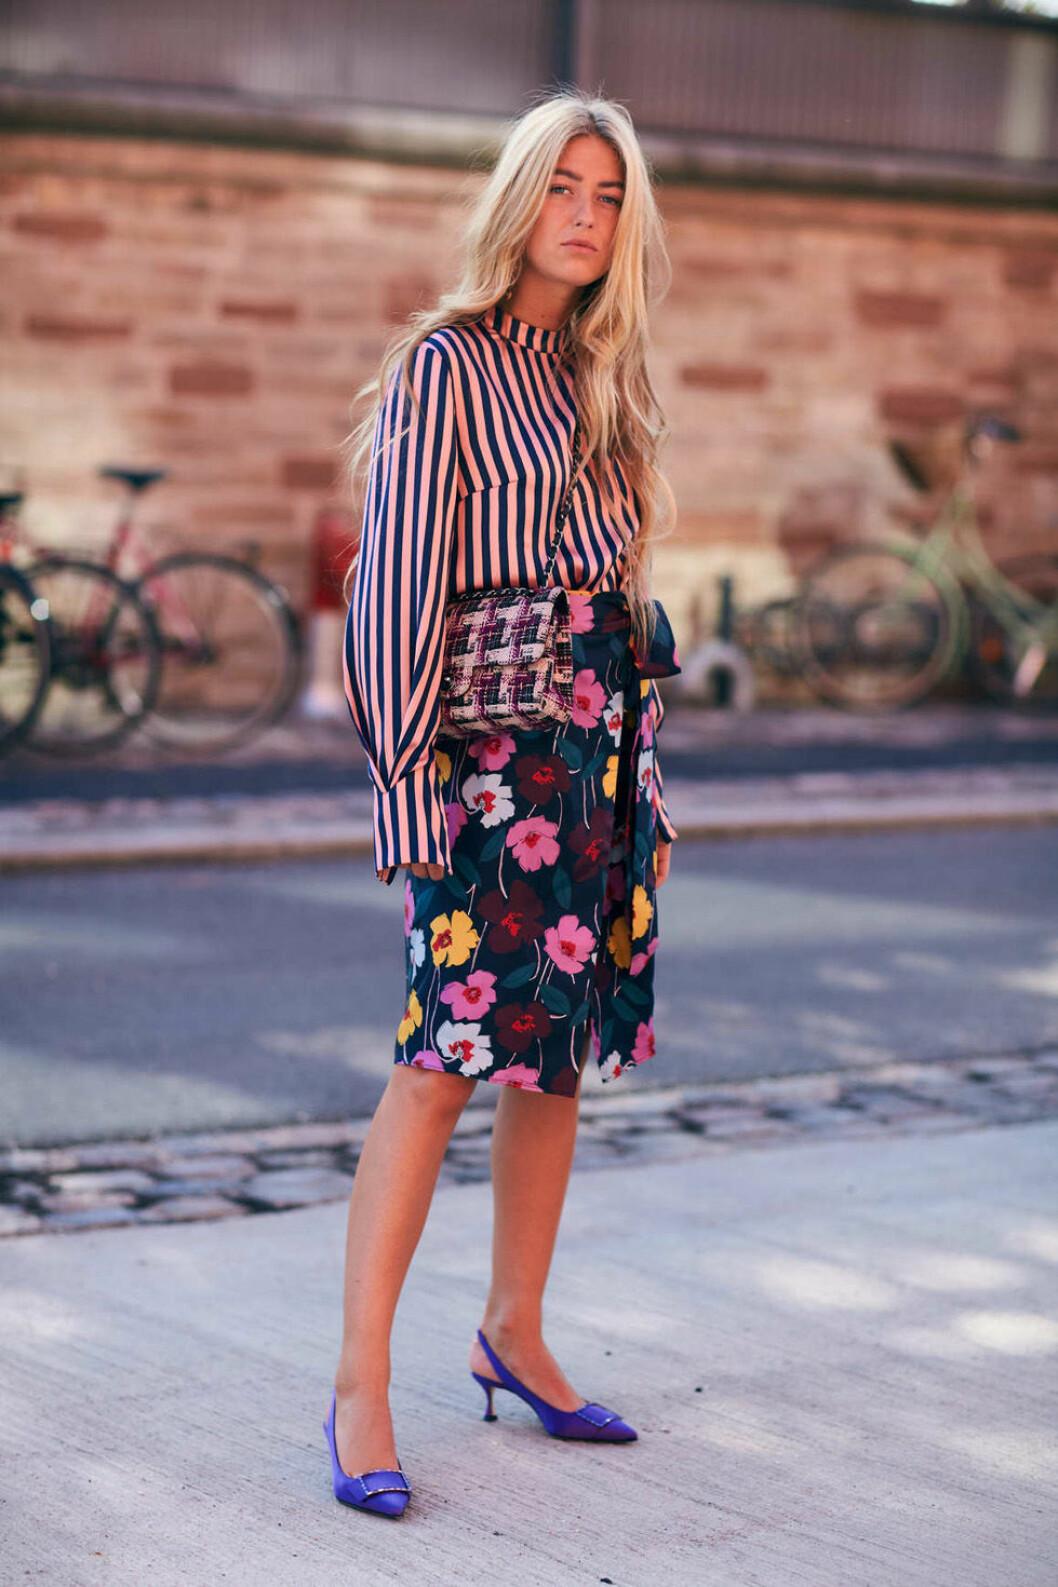 Randig skjorta och blommig kjol.